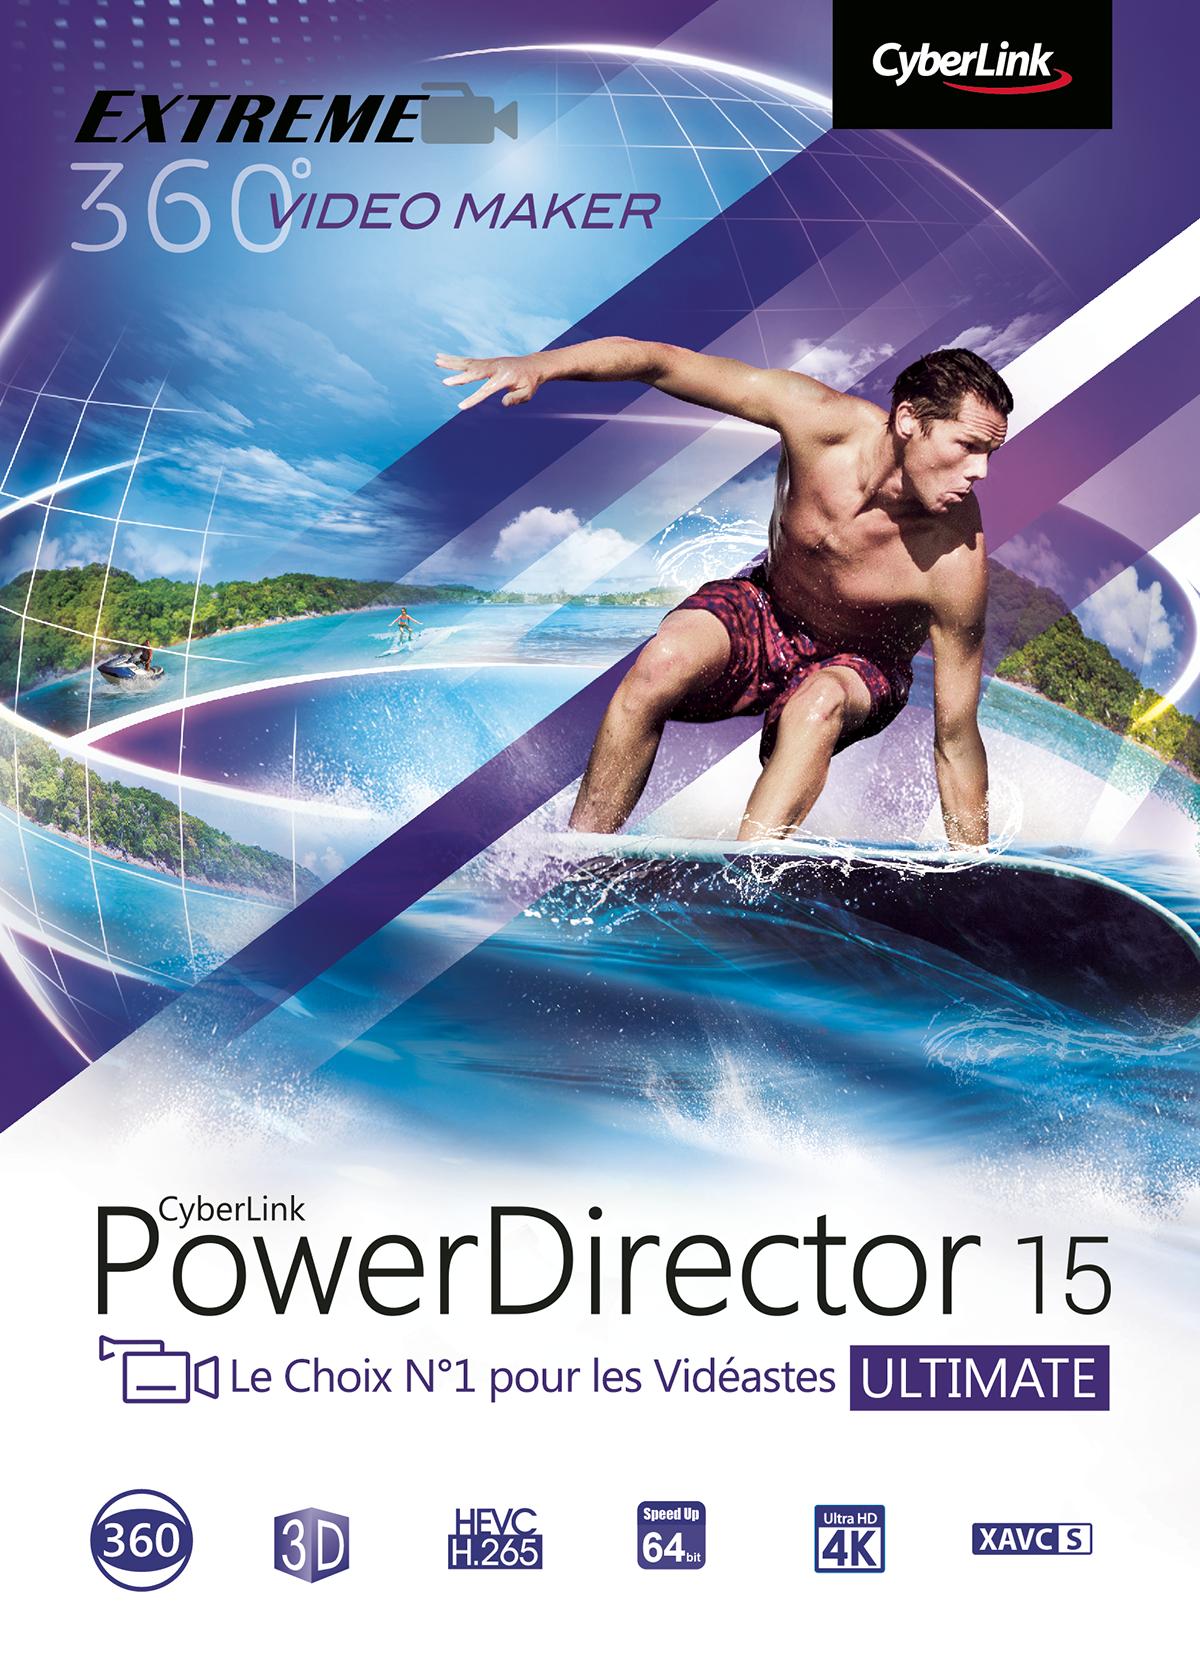 cyberlink-powerdirector-15-ultimate-telechargement